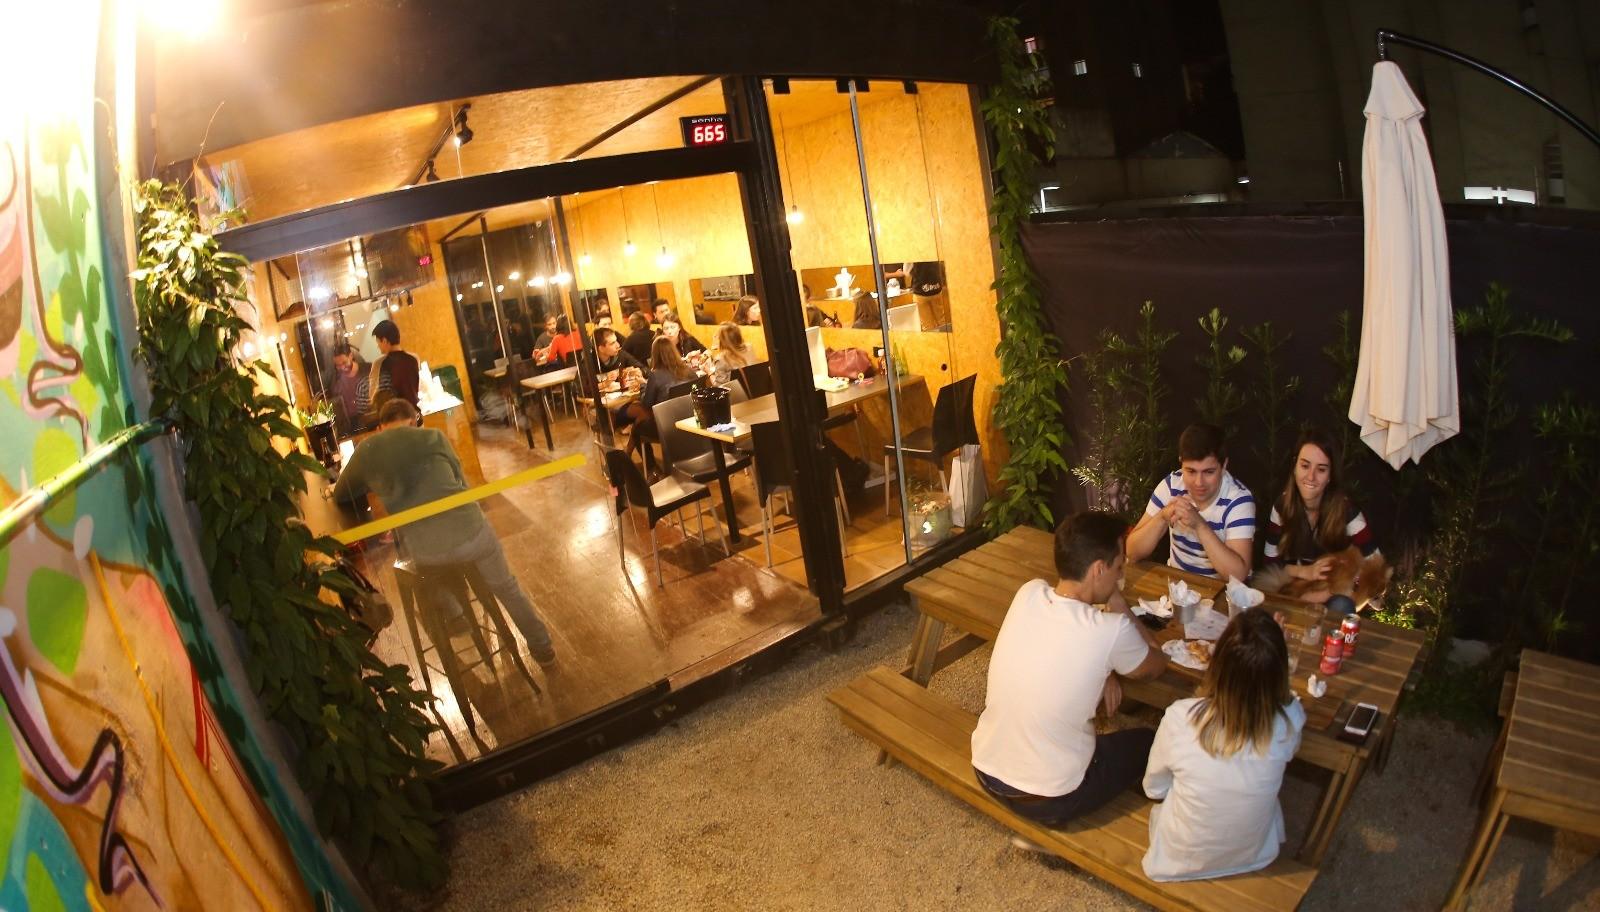 Box St.: Burgers, drinks e jazz em espaço irreverente na Vila Mariana 41